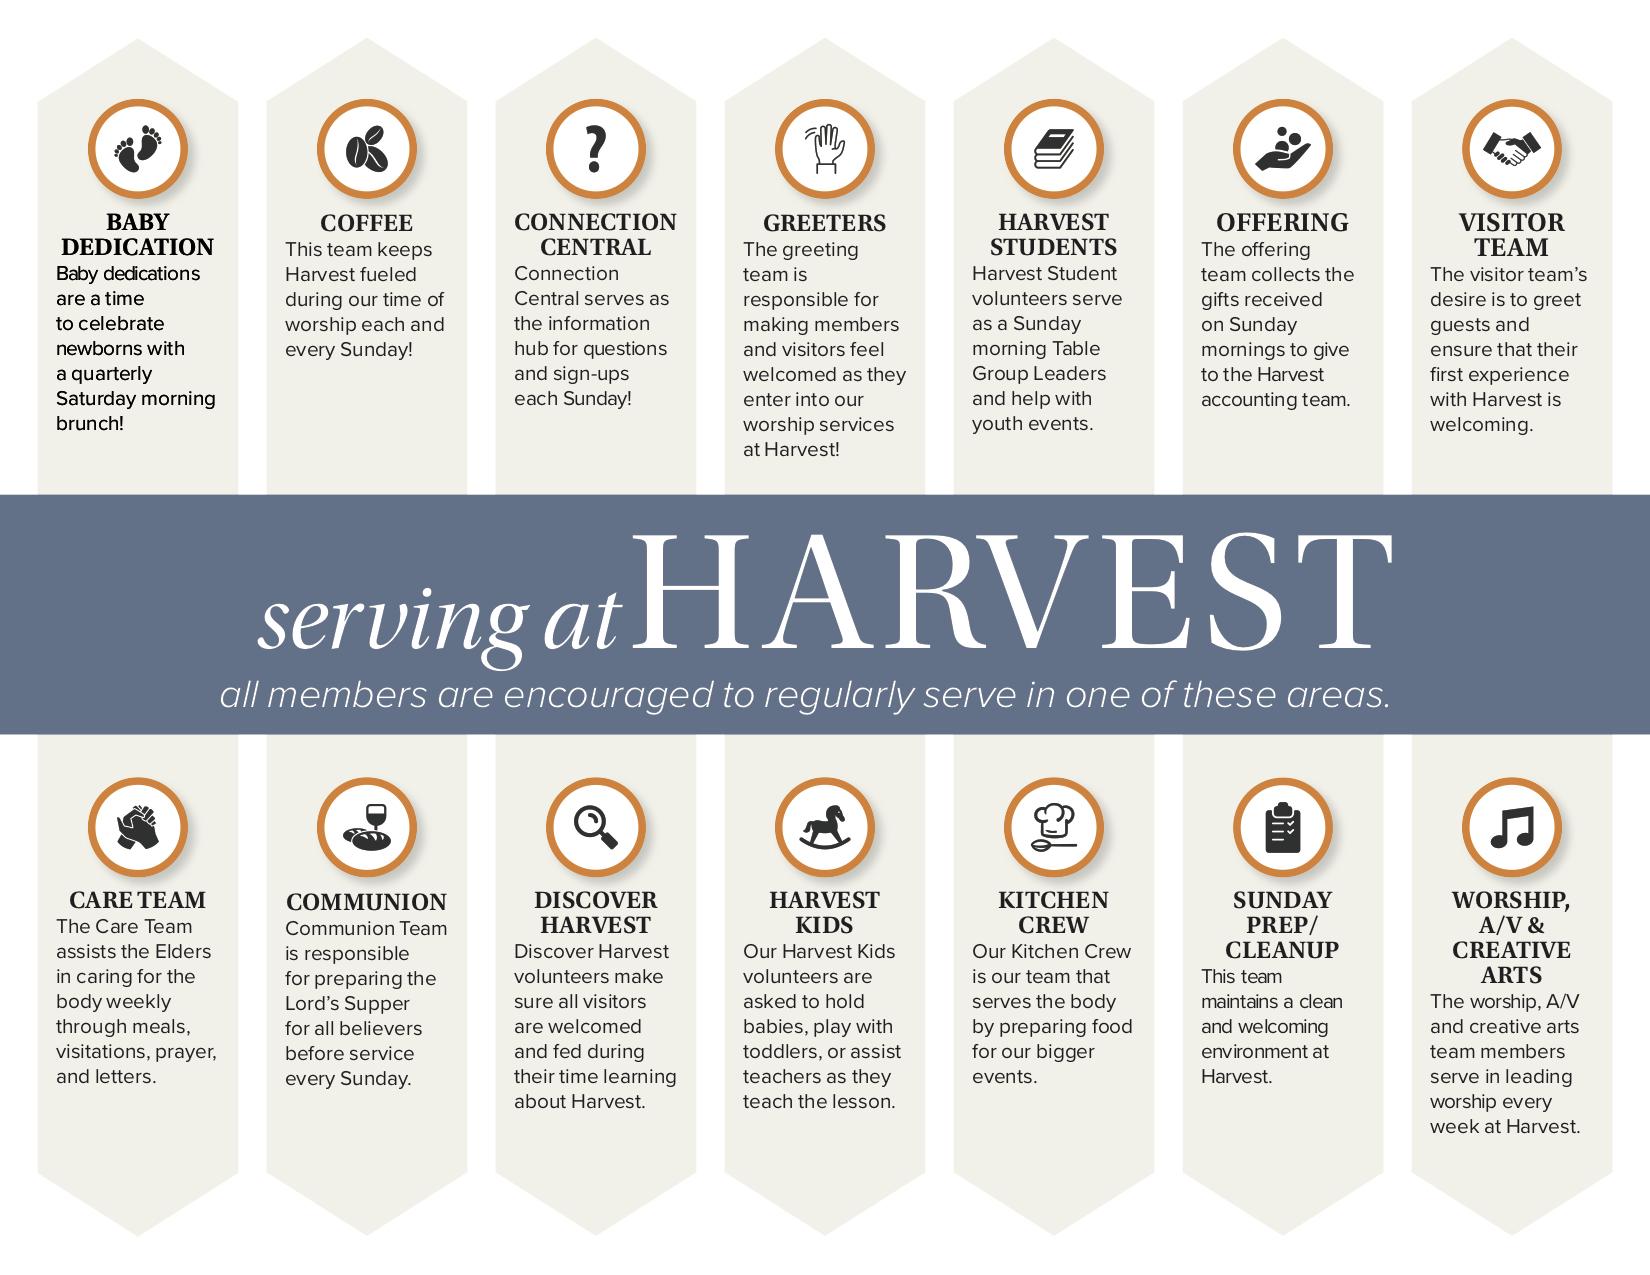 Serving at Harvest.jpg